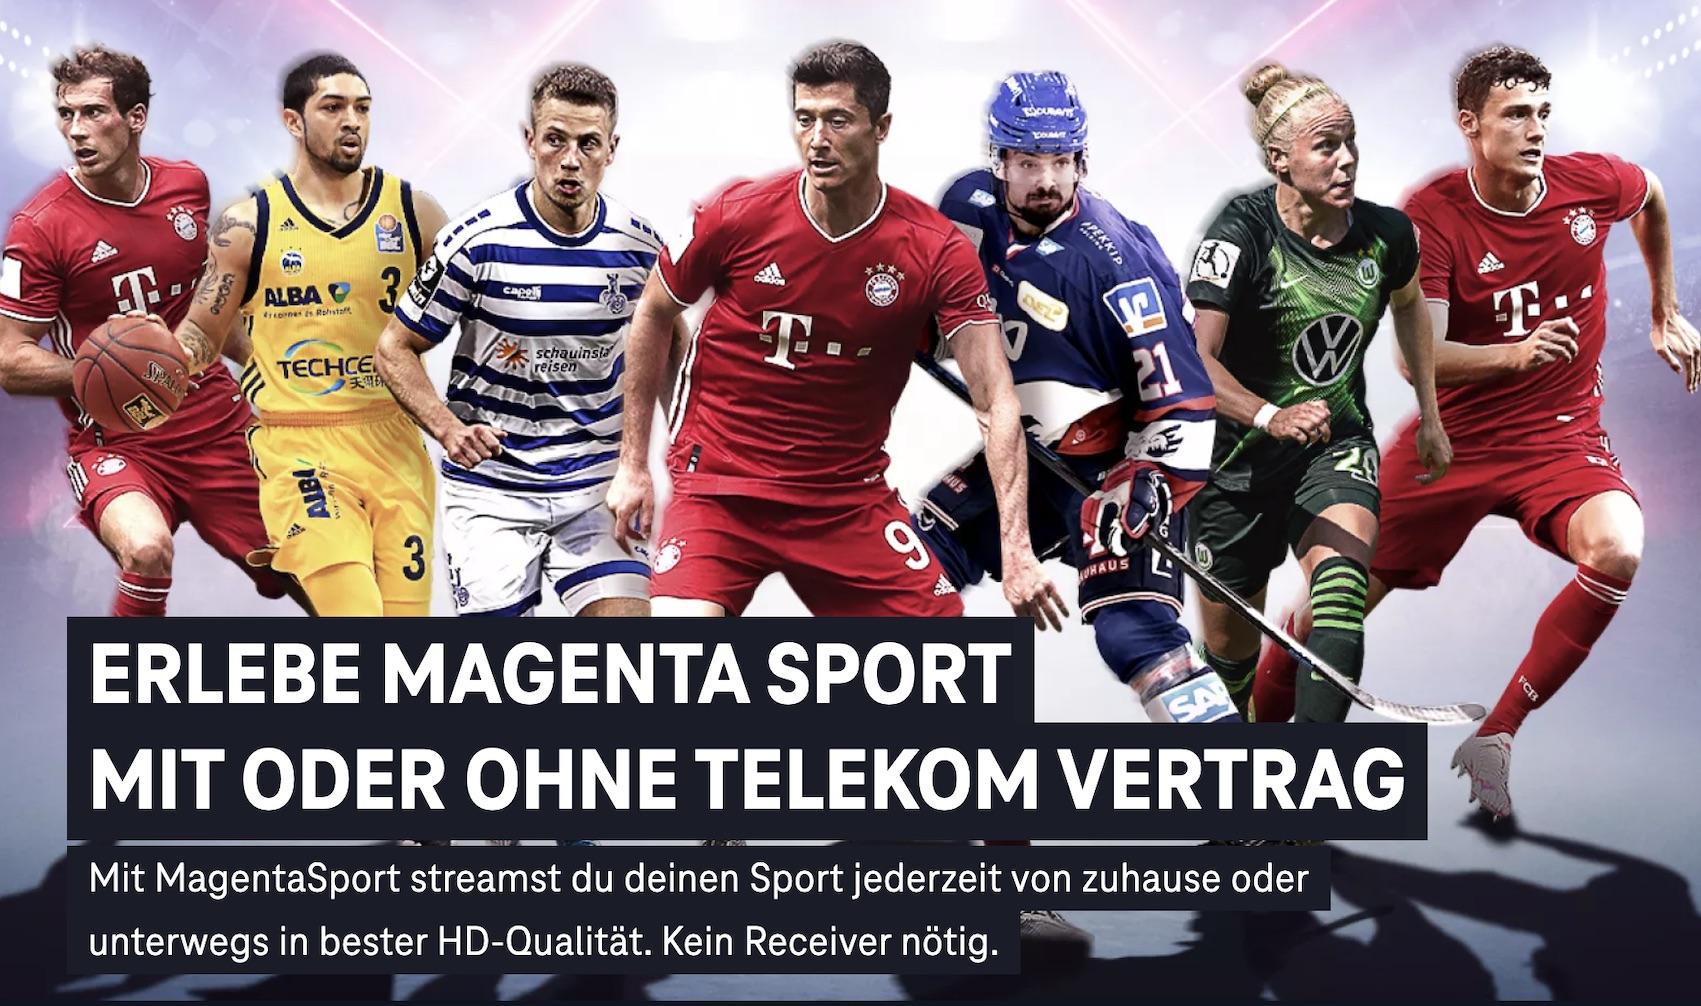 Werbung für MagentaSport (Quelle: Telekom, Screenshot: SmartPhoneFan.de)